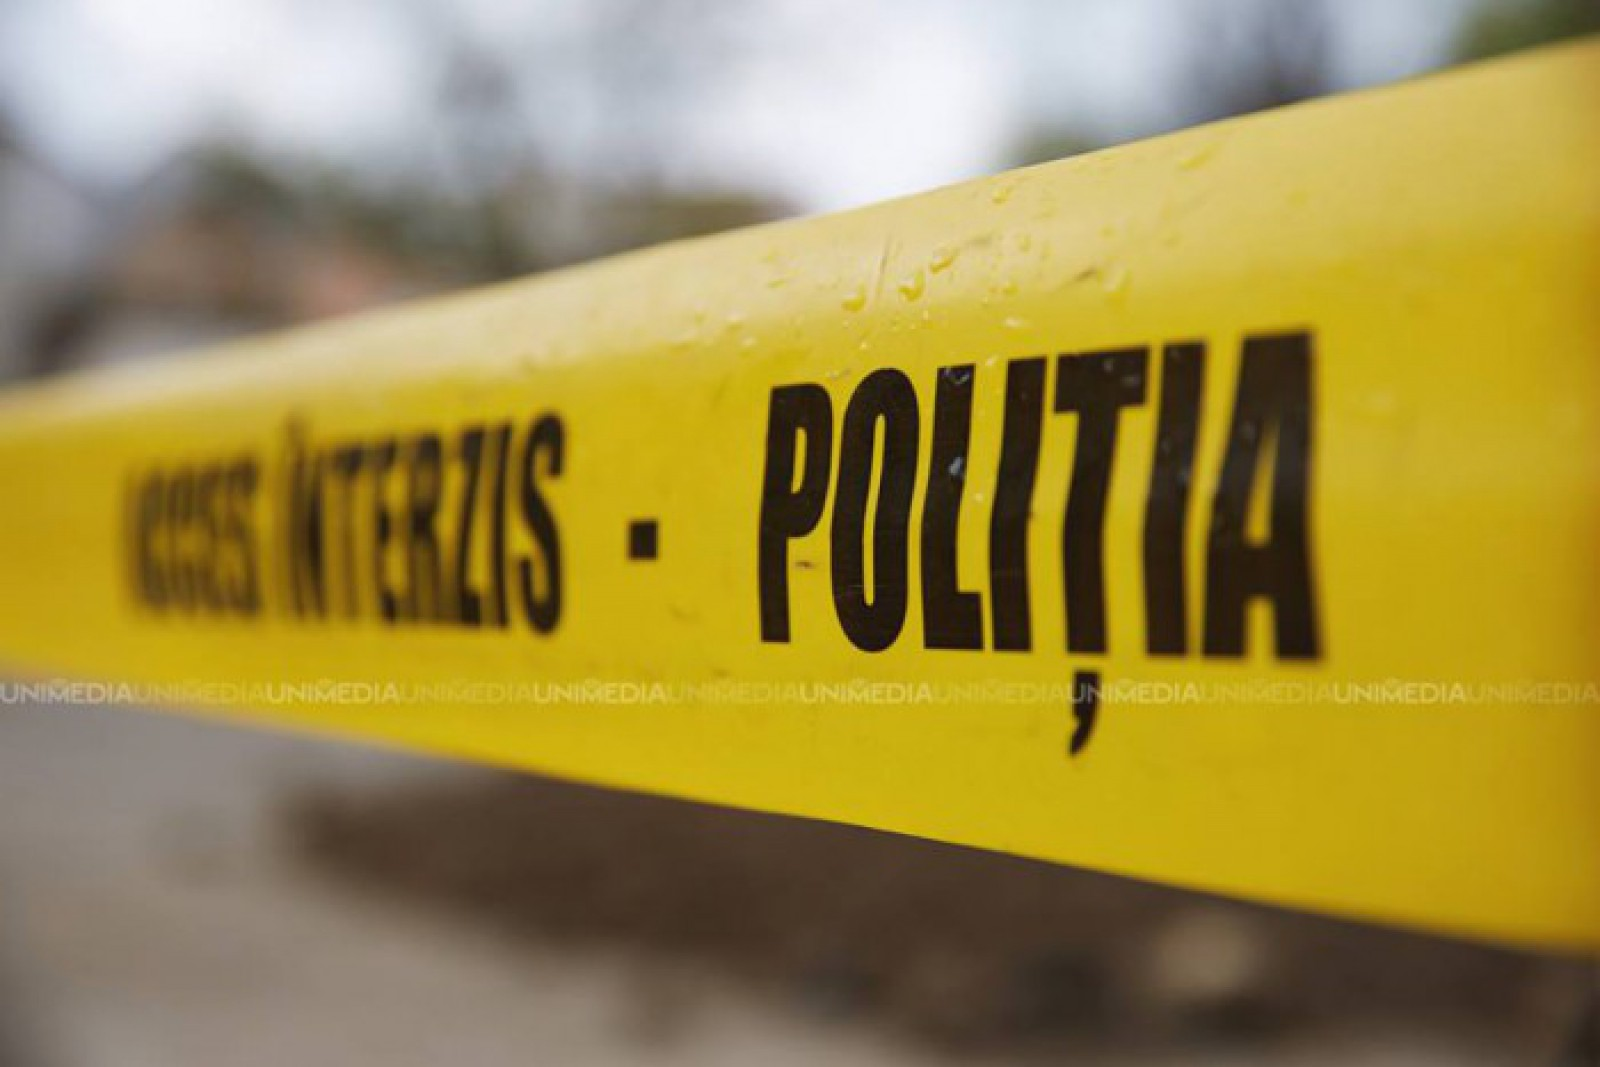 L-a bătut până la omorât: Un tânăr, găsit fără suflare în preajma unei gospodării din Fălești. Suspectul a fost reținut